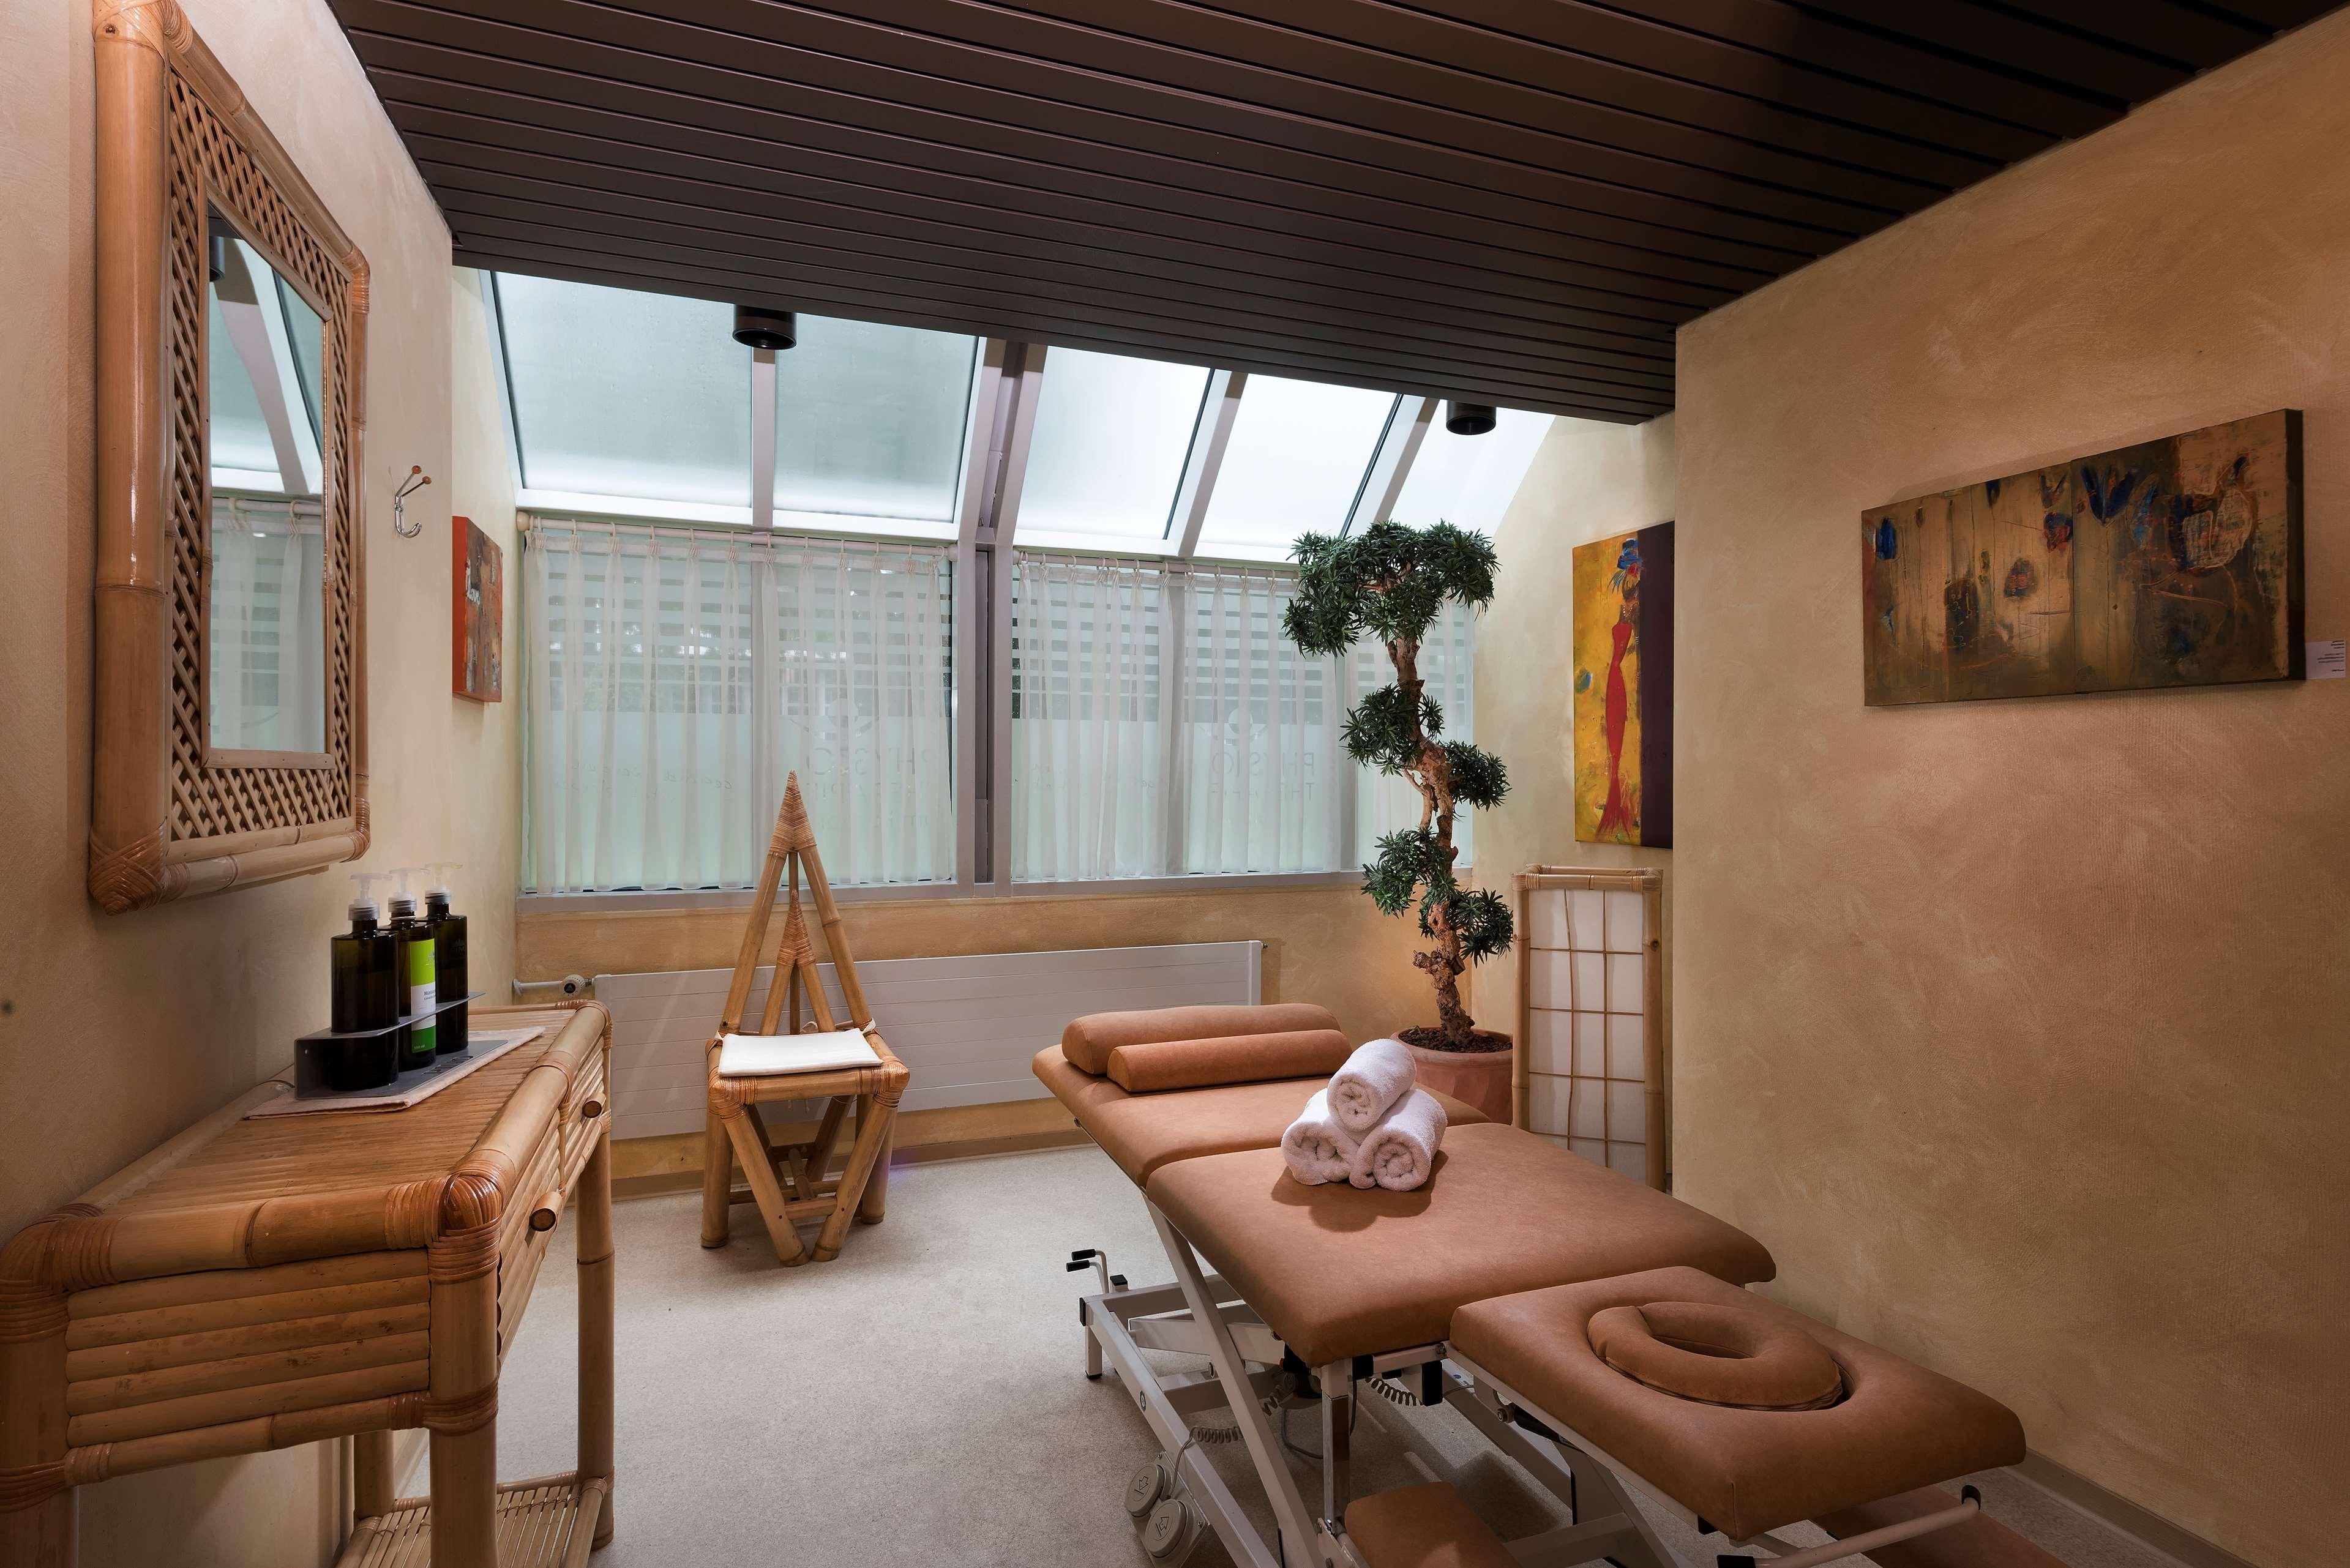 best western ffnungszeiten best western lothar daiker stra e. Black Bedroom Furniture Sets. Home Design Ideas